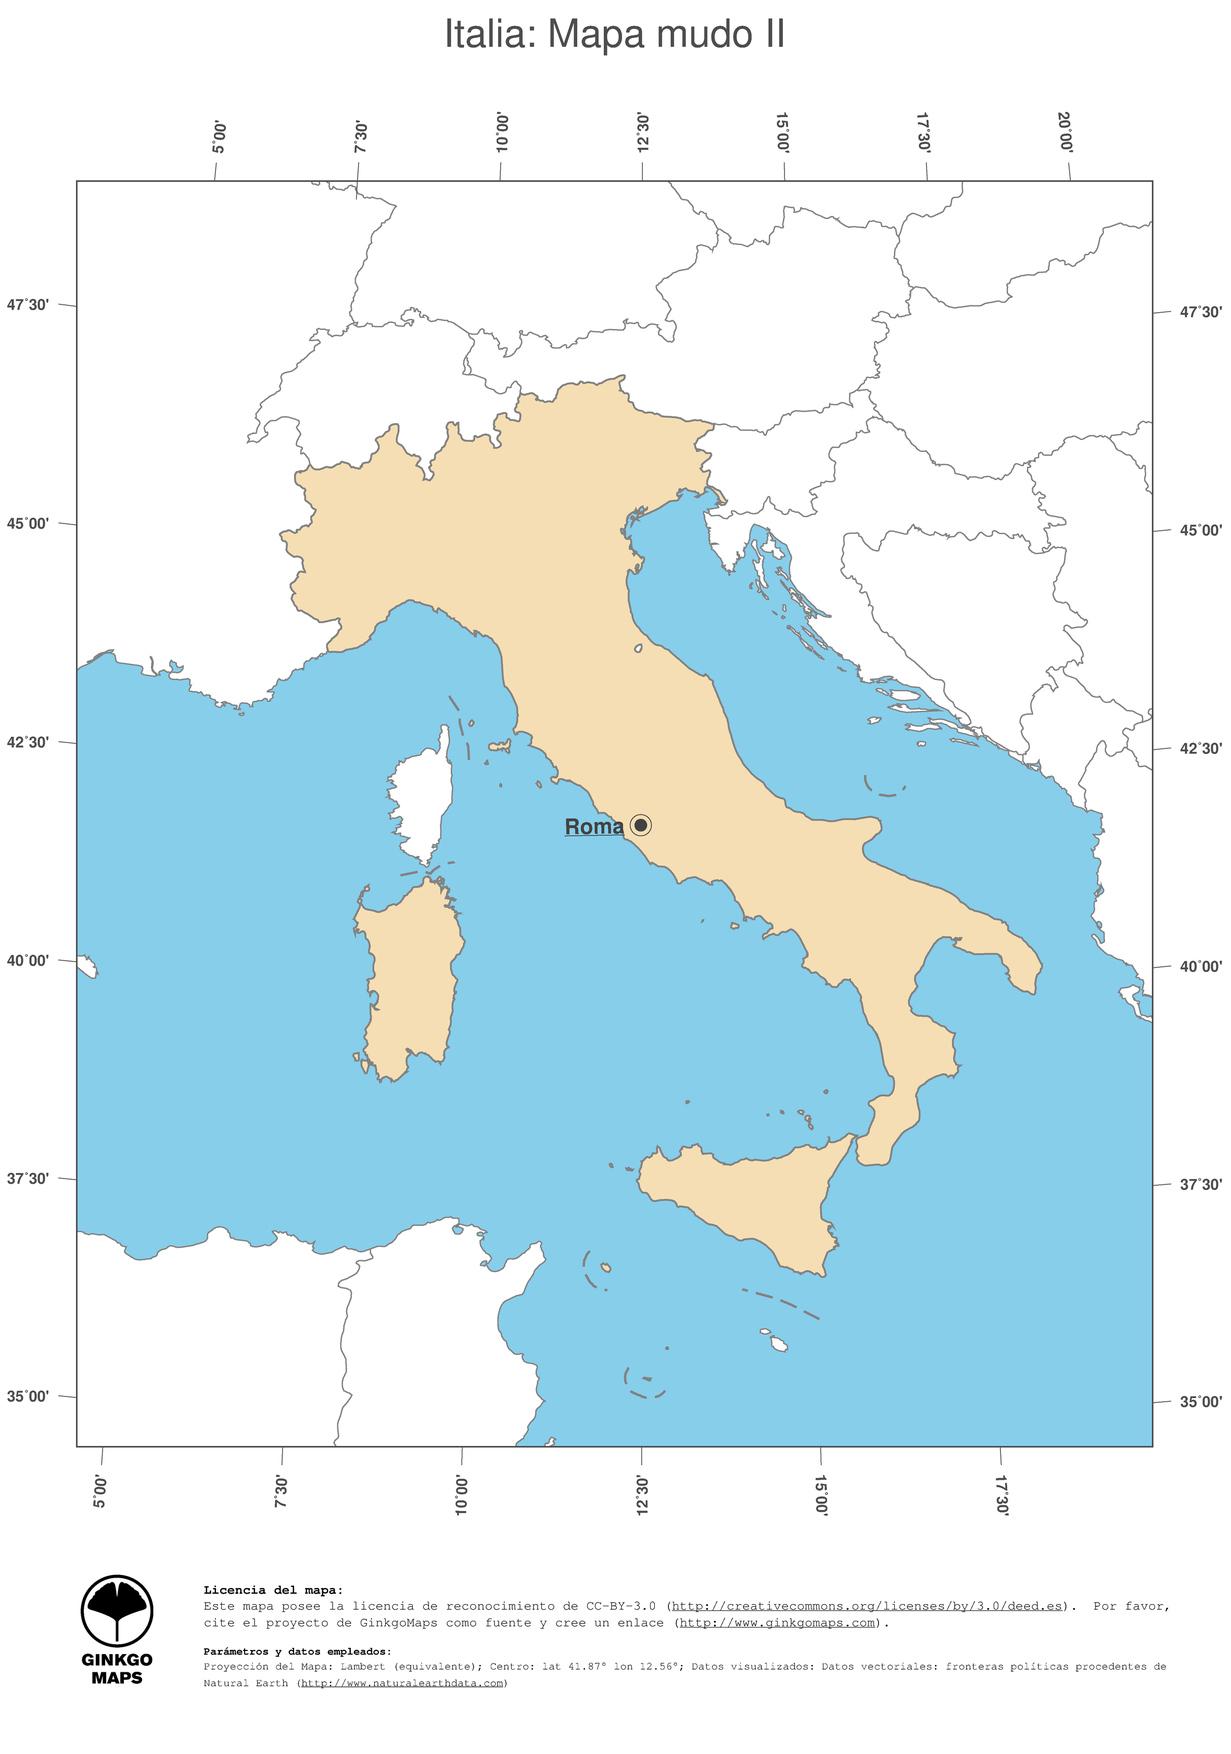 Mapa De Italia Mudo.Mapa De Italia Mudo